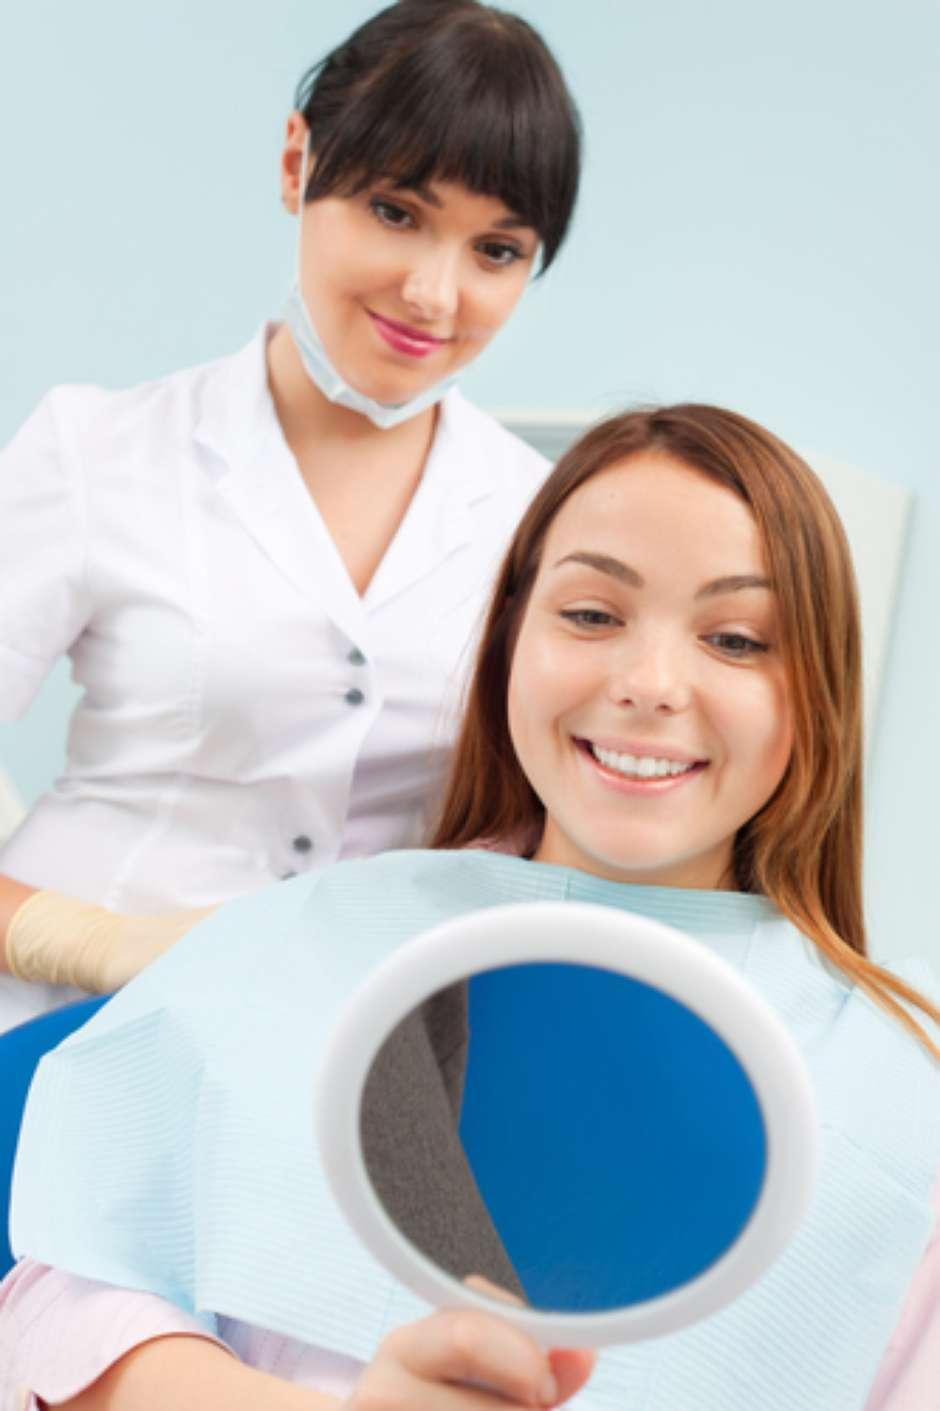 Conheca Os Melhores Metodos Para Clarear Os Dentes